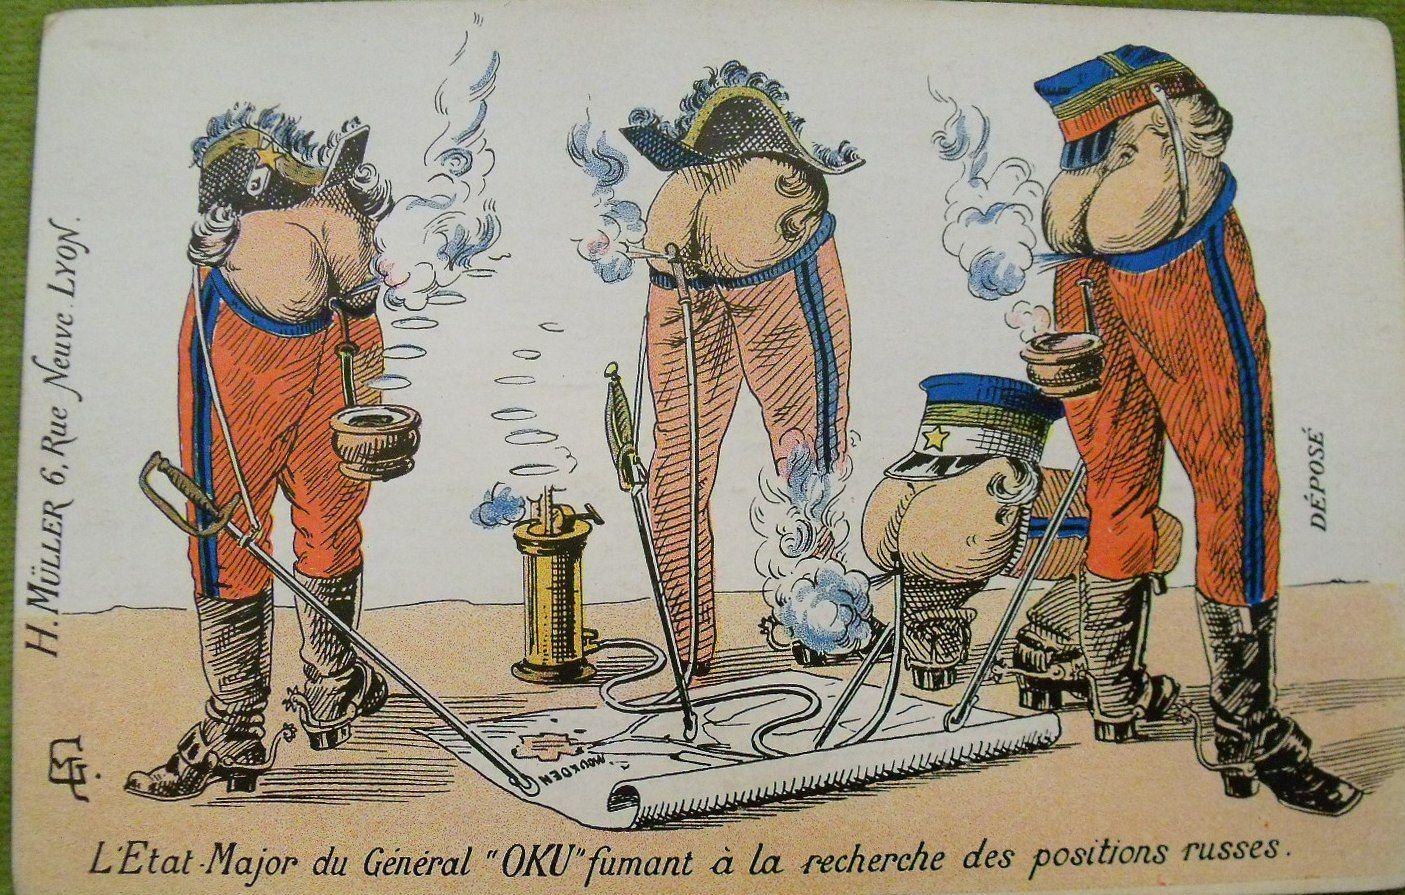 Plan Cul Évreux Les Prostituées Gays La Rochelle